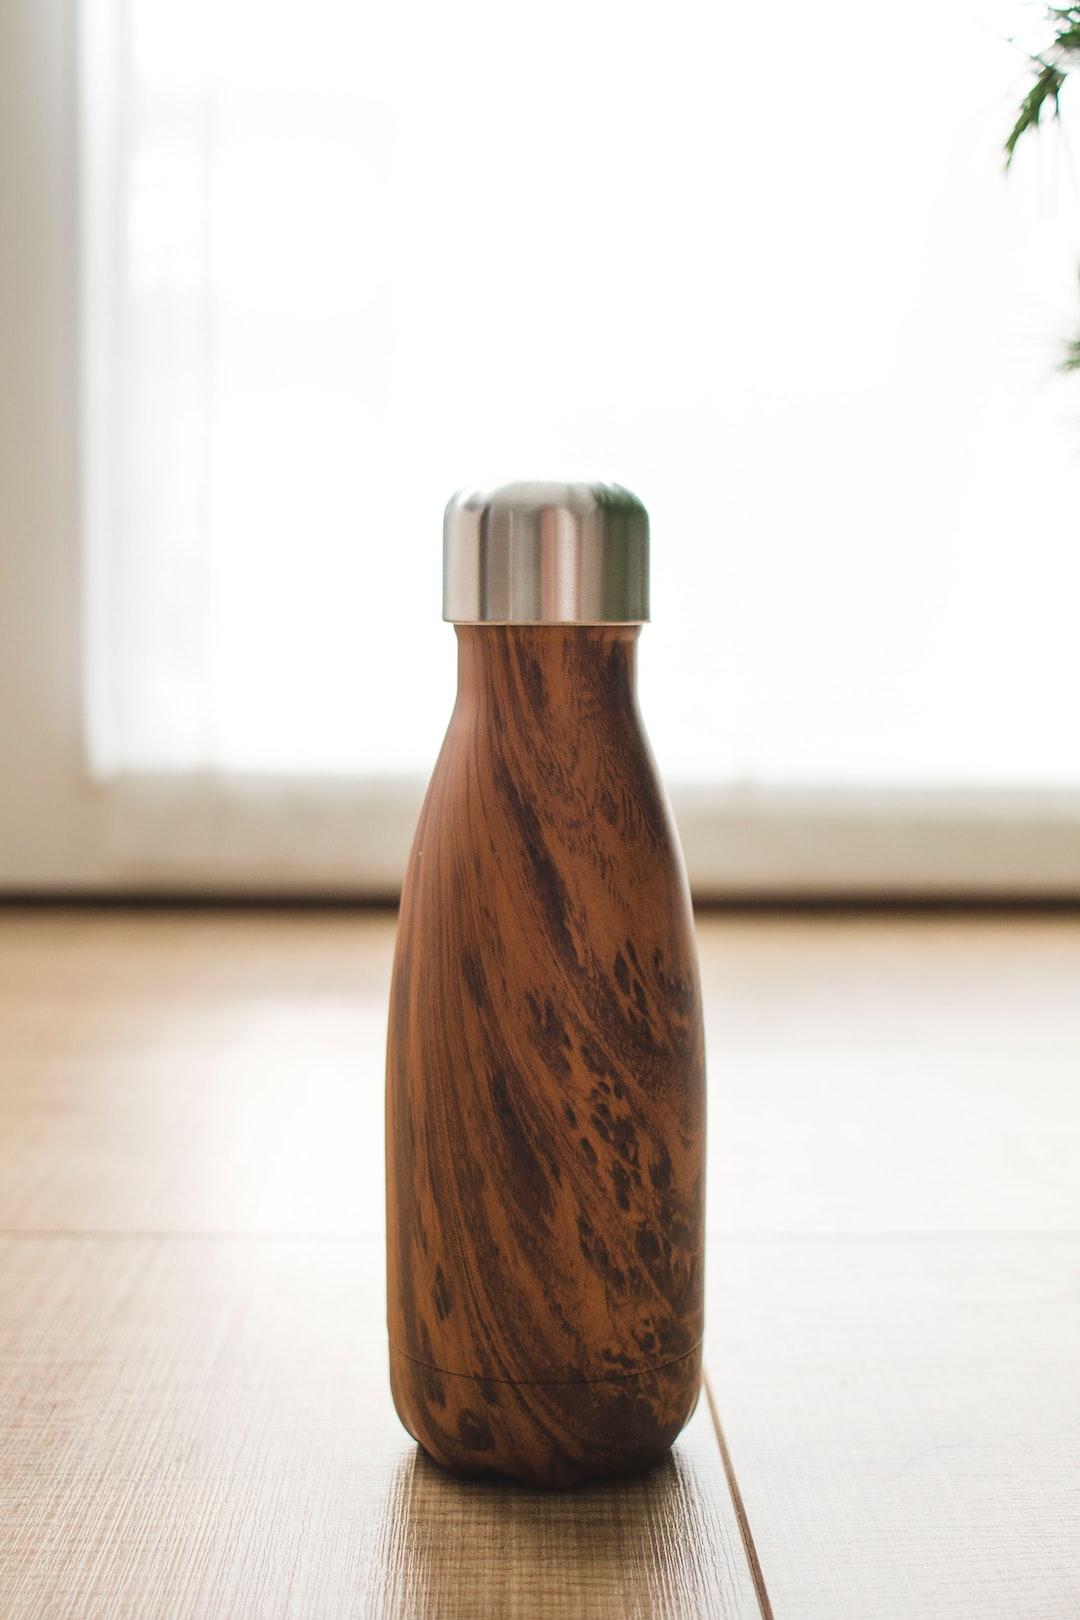 Sustainable product - Bottle